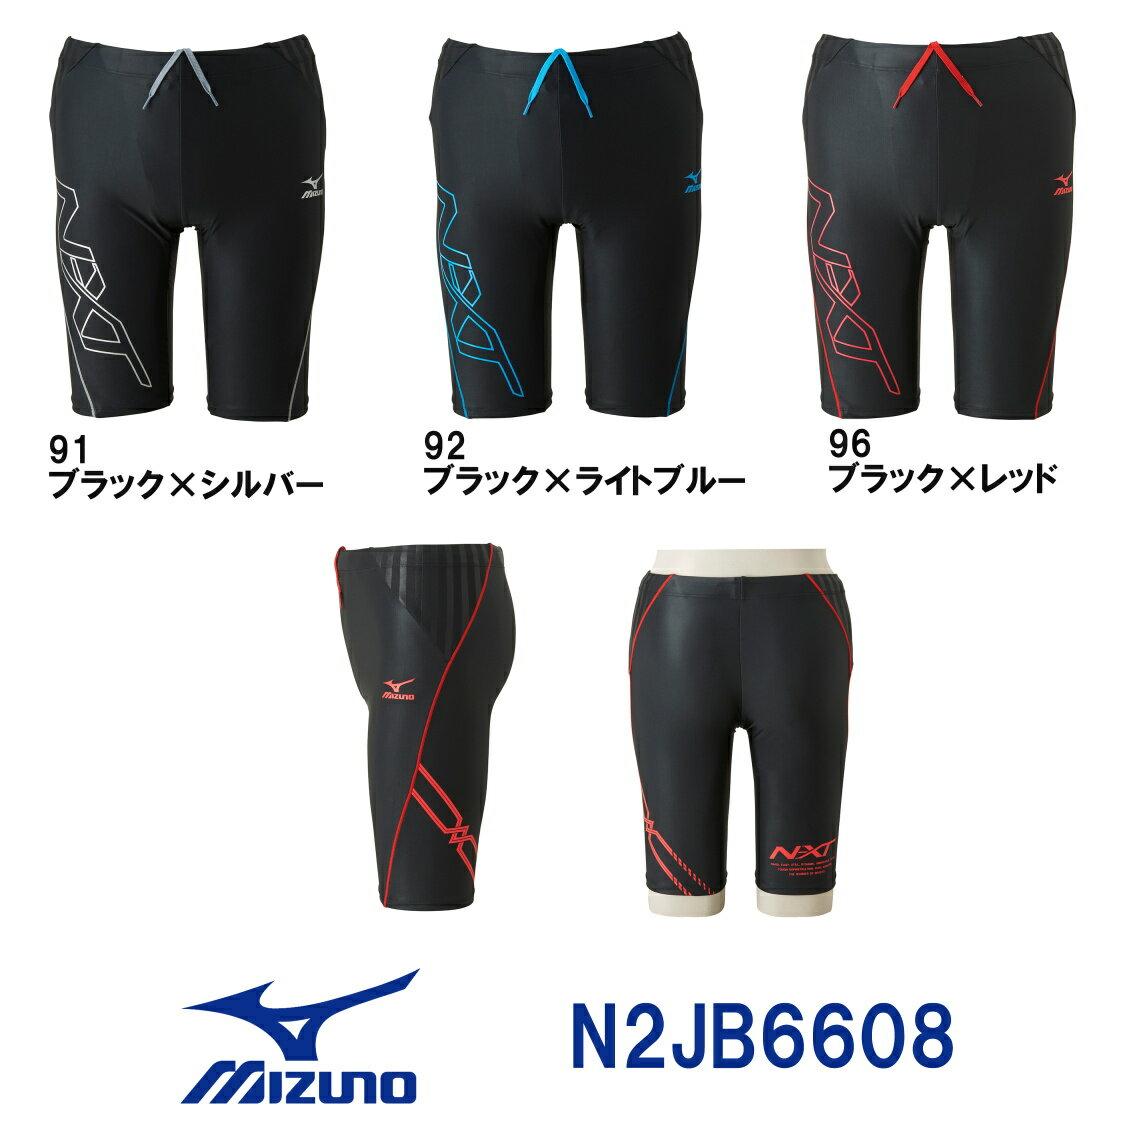 【N2JB6608】MIZUNO(ミズノ)メンズフィットネス水着ハーフスパッツL